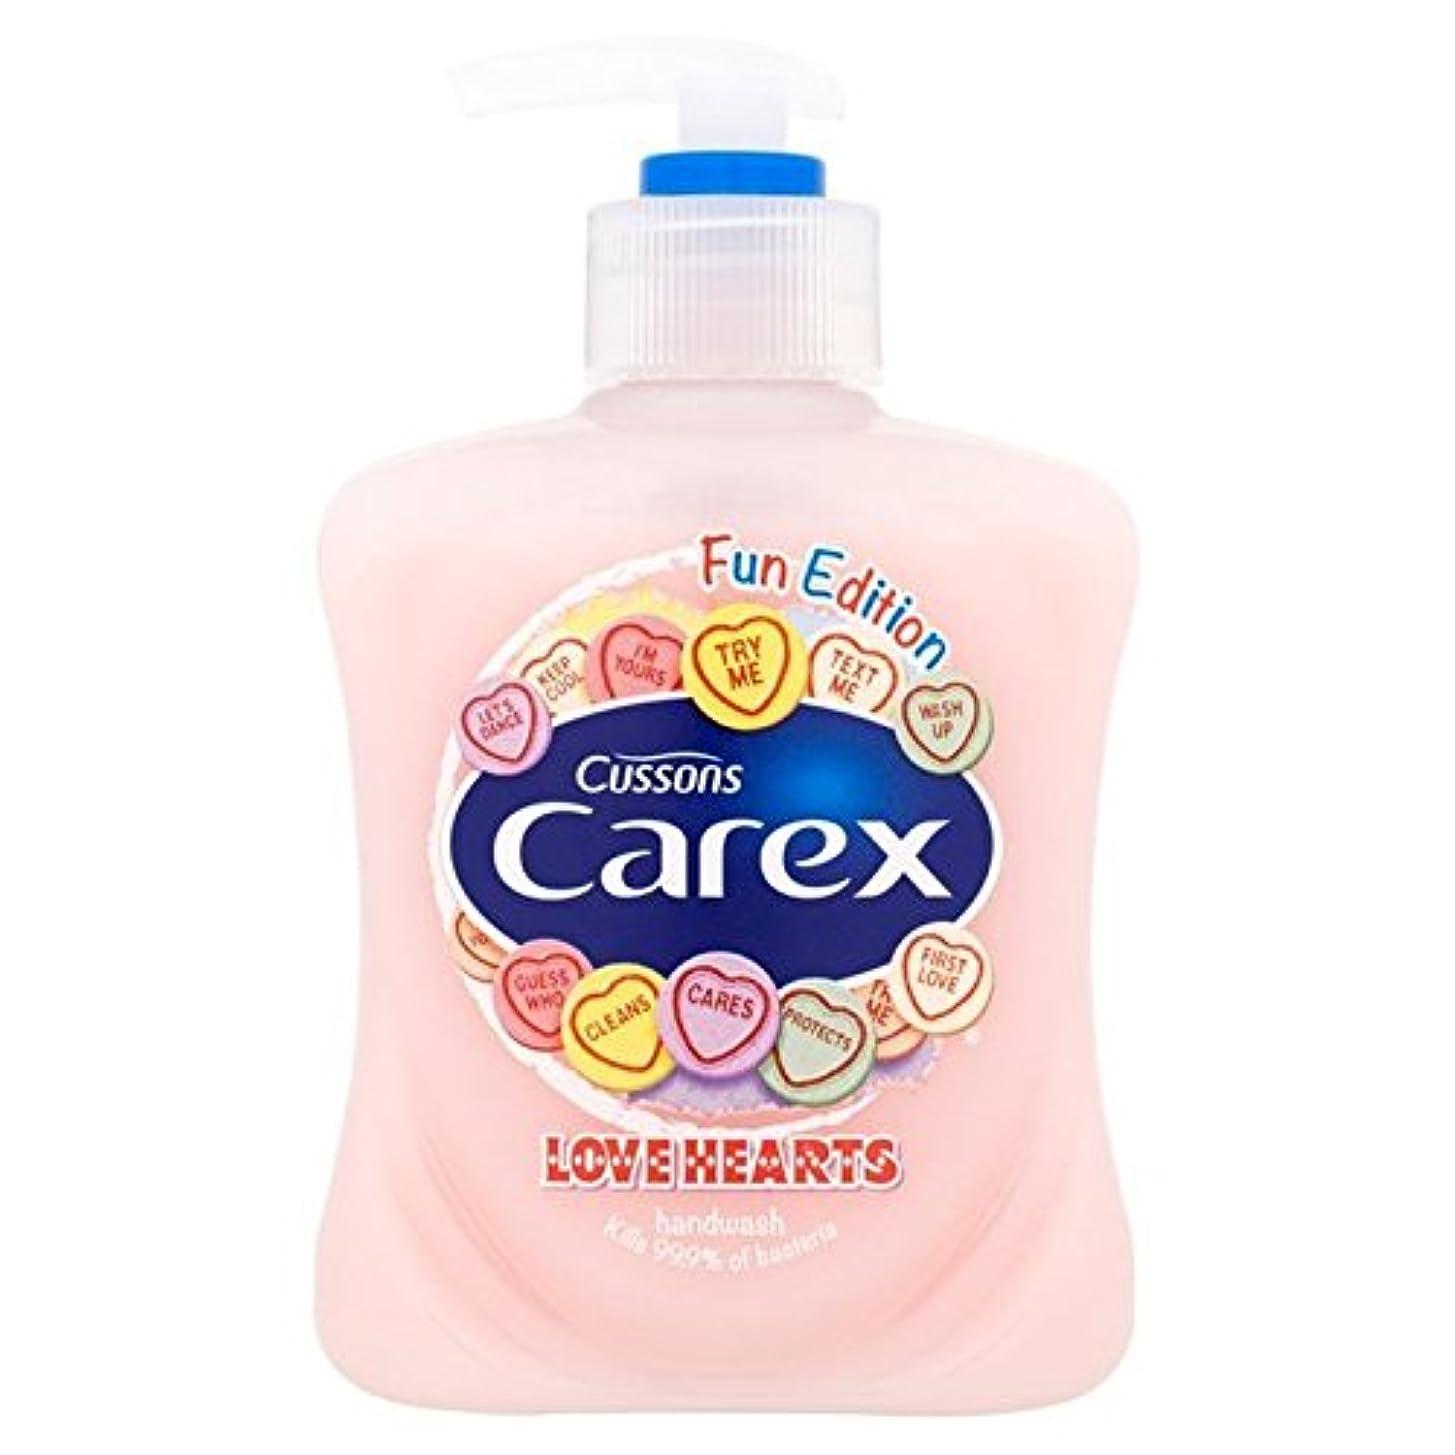 メタルラインソロつまずくスゲ楽しい版愛の心のハンドウォッシュ250ミリリットル x4 - Carex Fun Edition Love Hearts Hand Wash 250ml (Pack of 4) [並行輸入品]